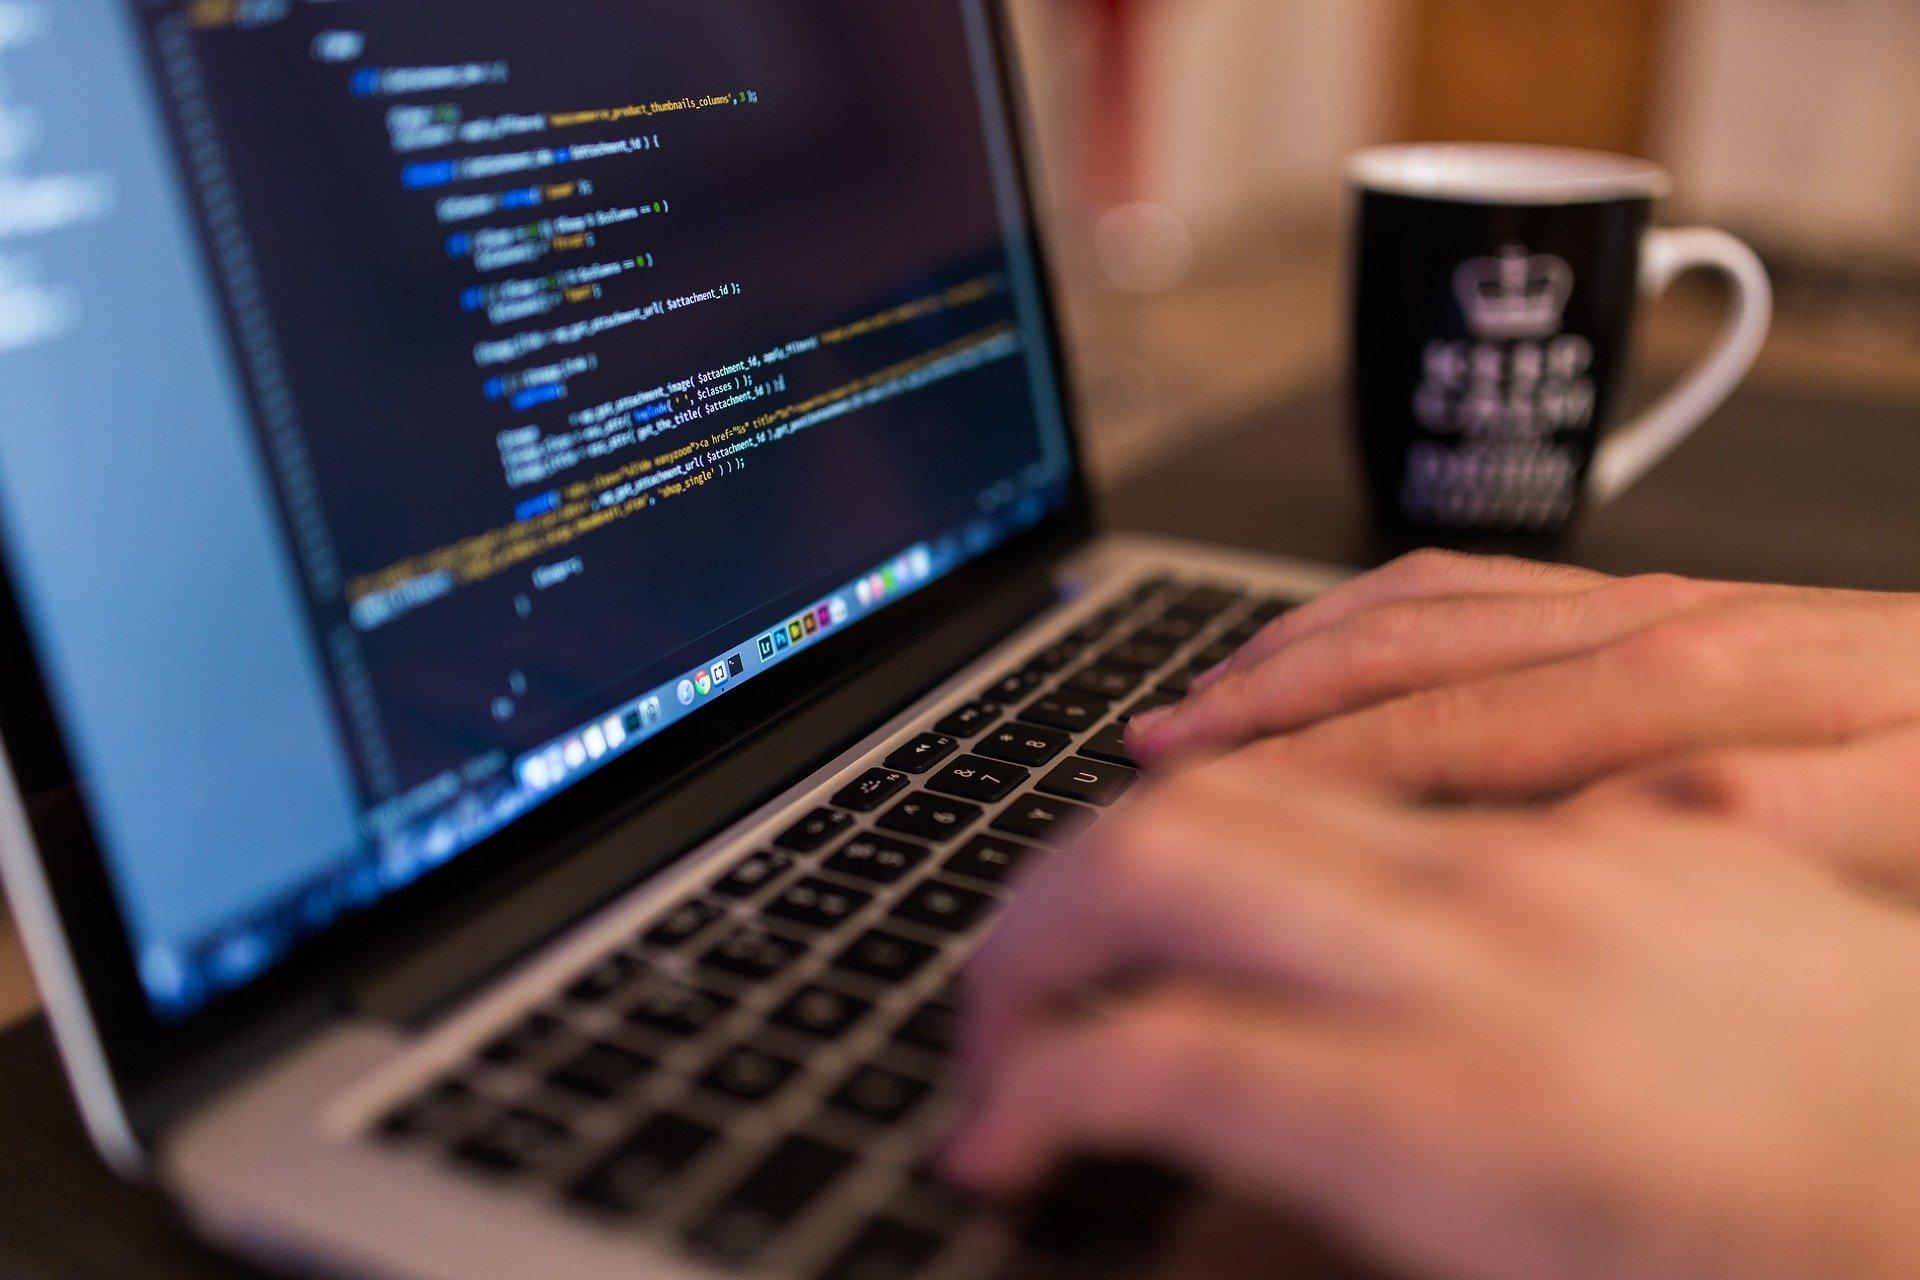 Zdjęcie pracującego przed komputerem mężczyzny, który programuje